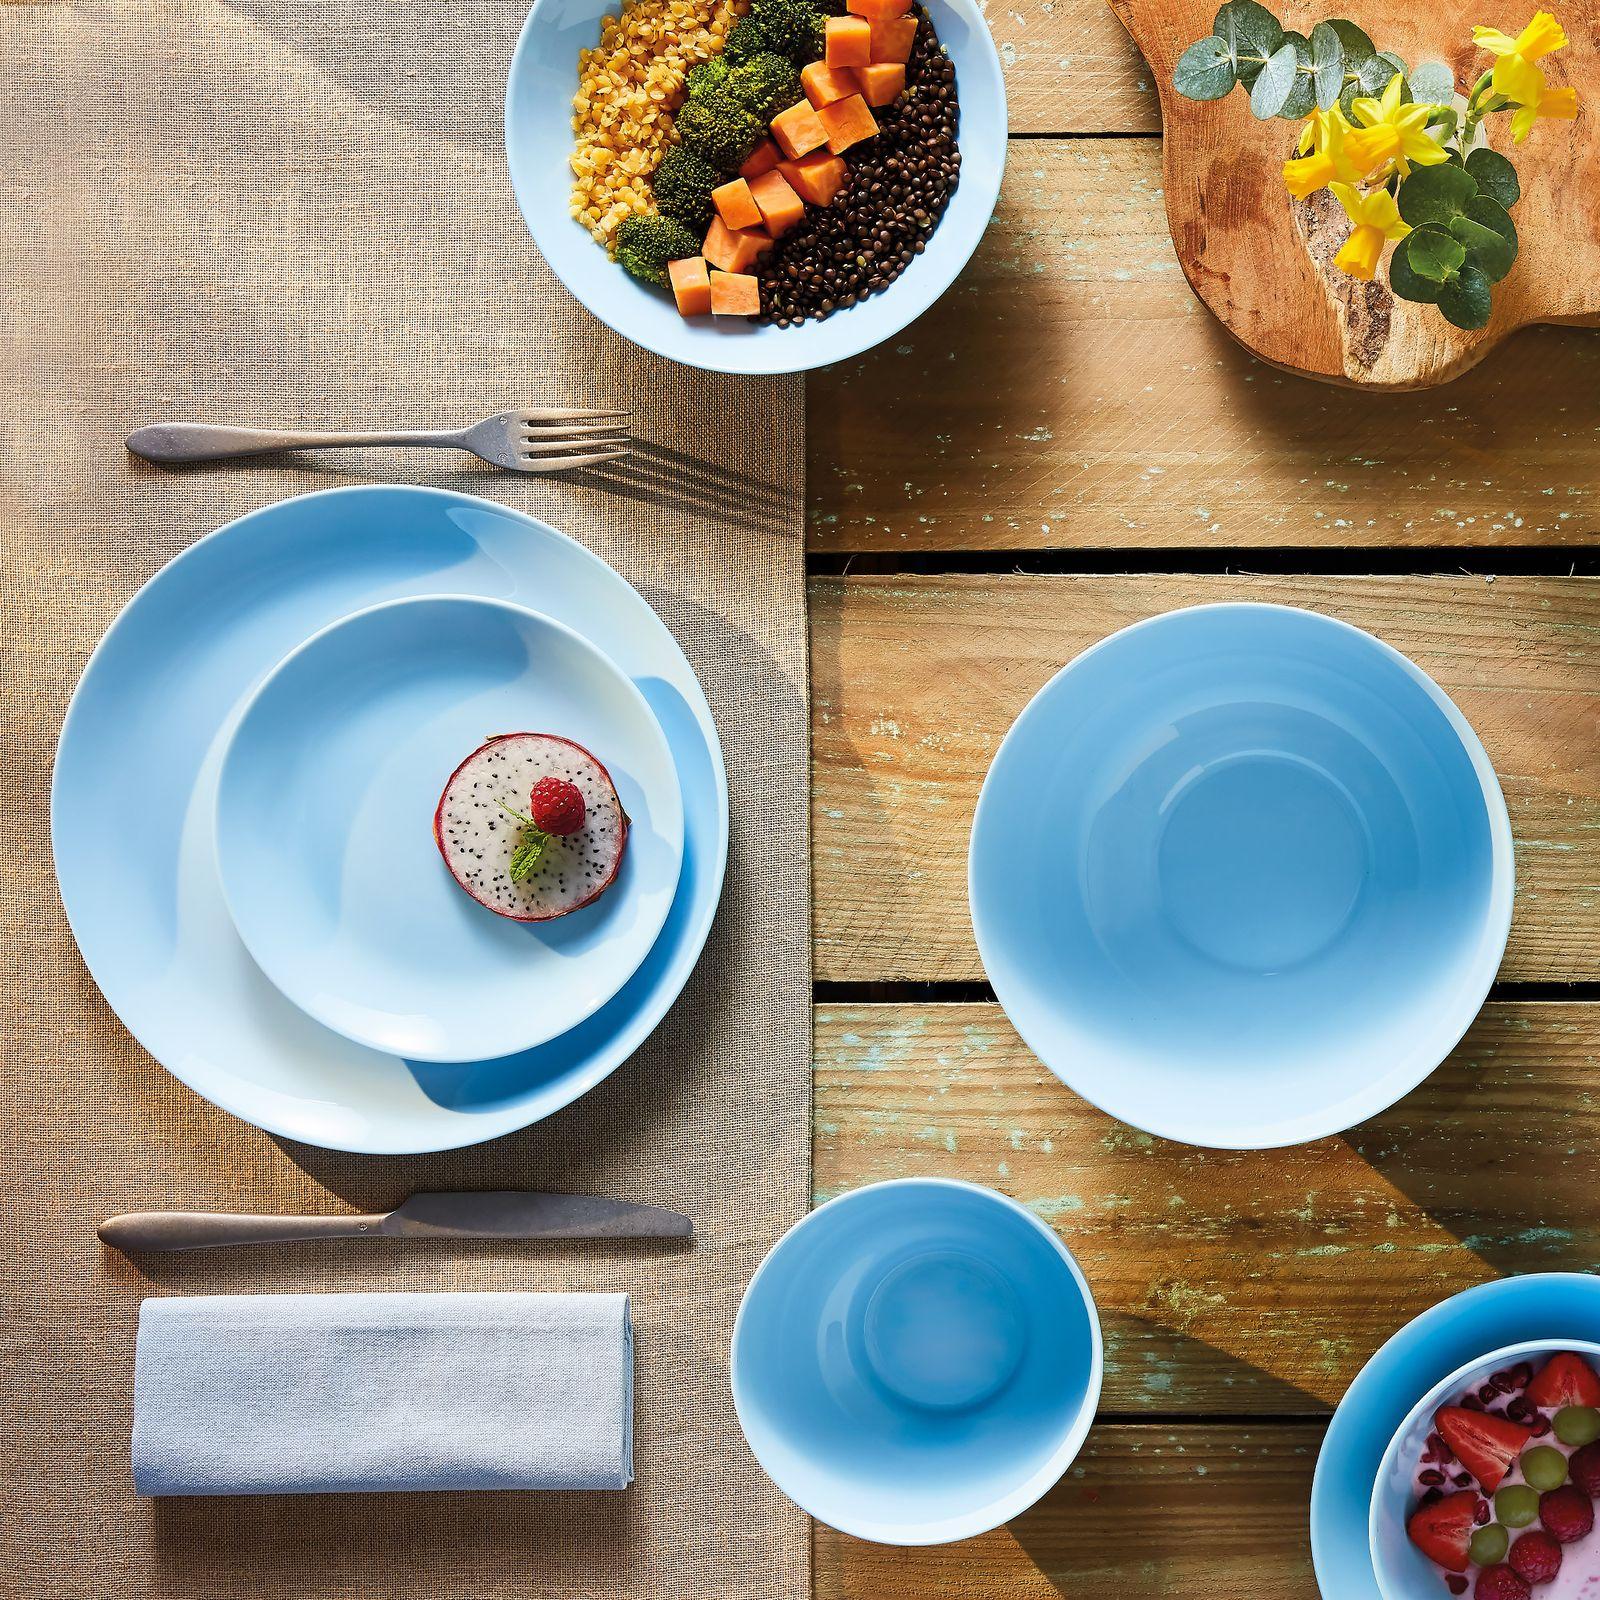 Komplet obiadowy Diwali Light Blue 19-elementowy LUMINARC